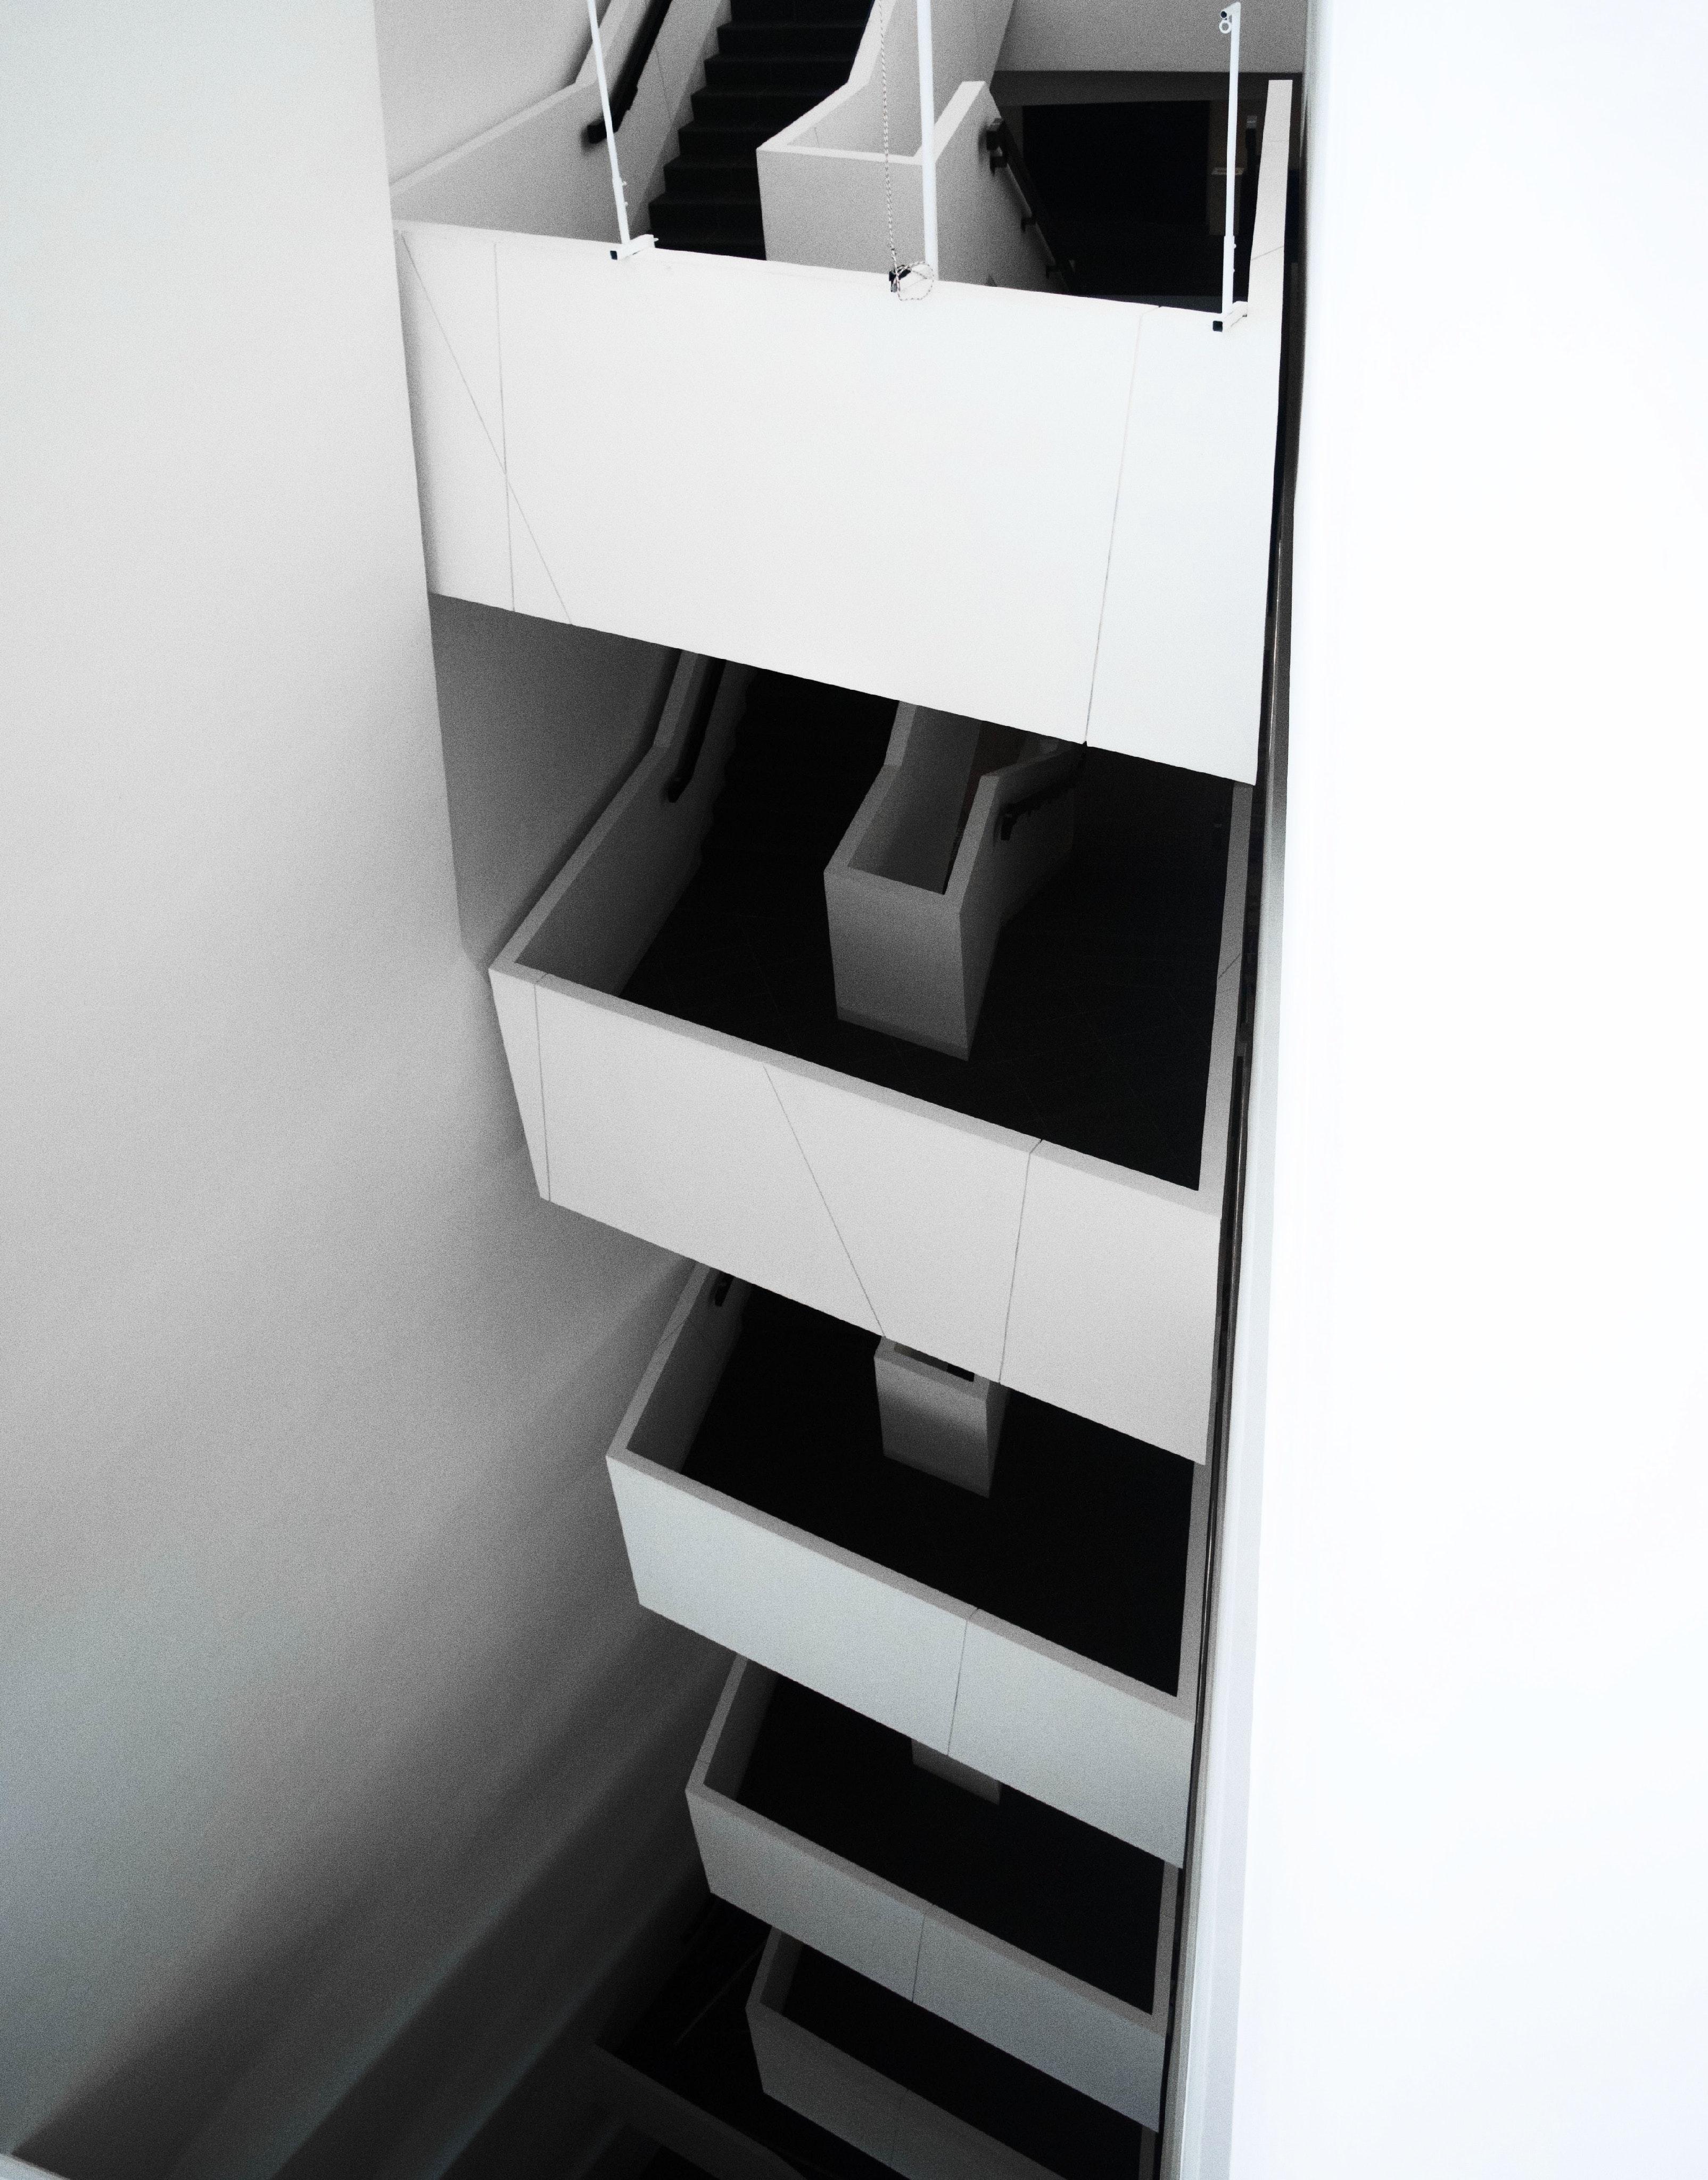 White Concrete Staircase, Architecture, Black and white, Contemporary, Design, HQ Photo